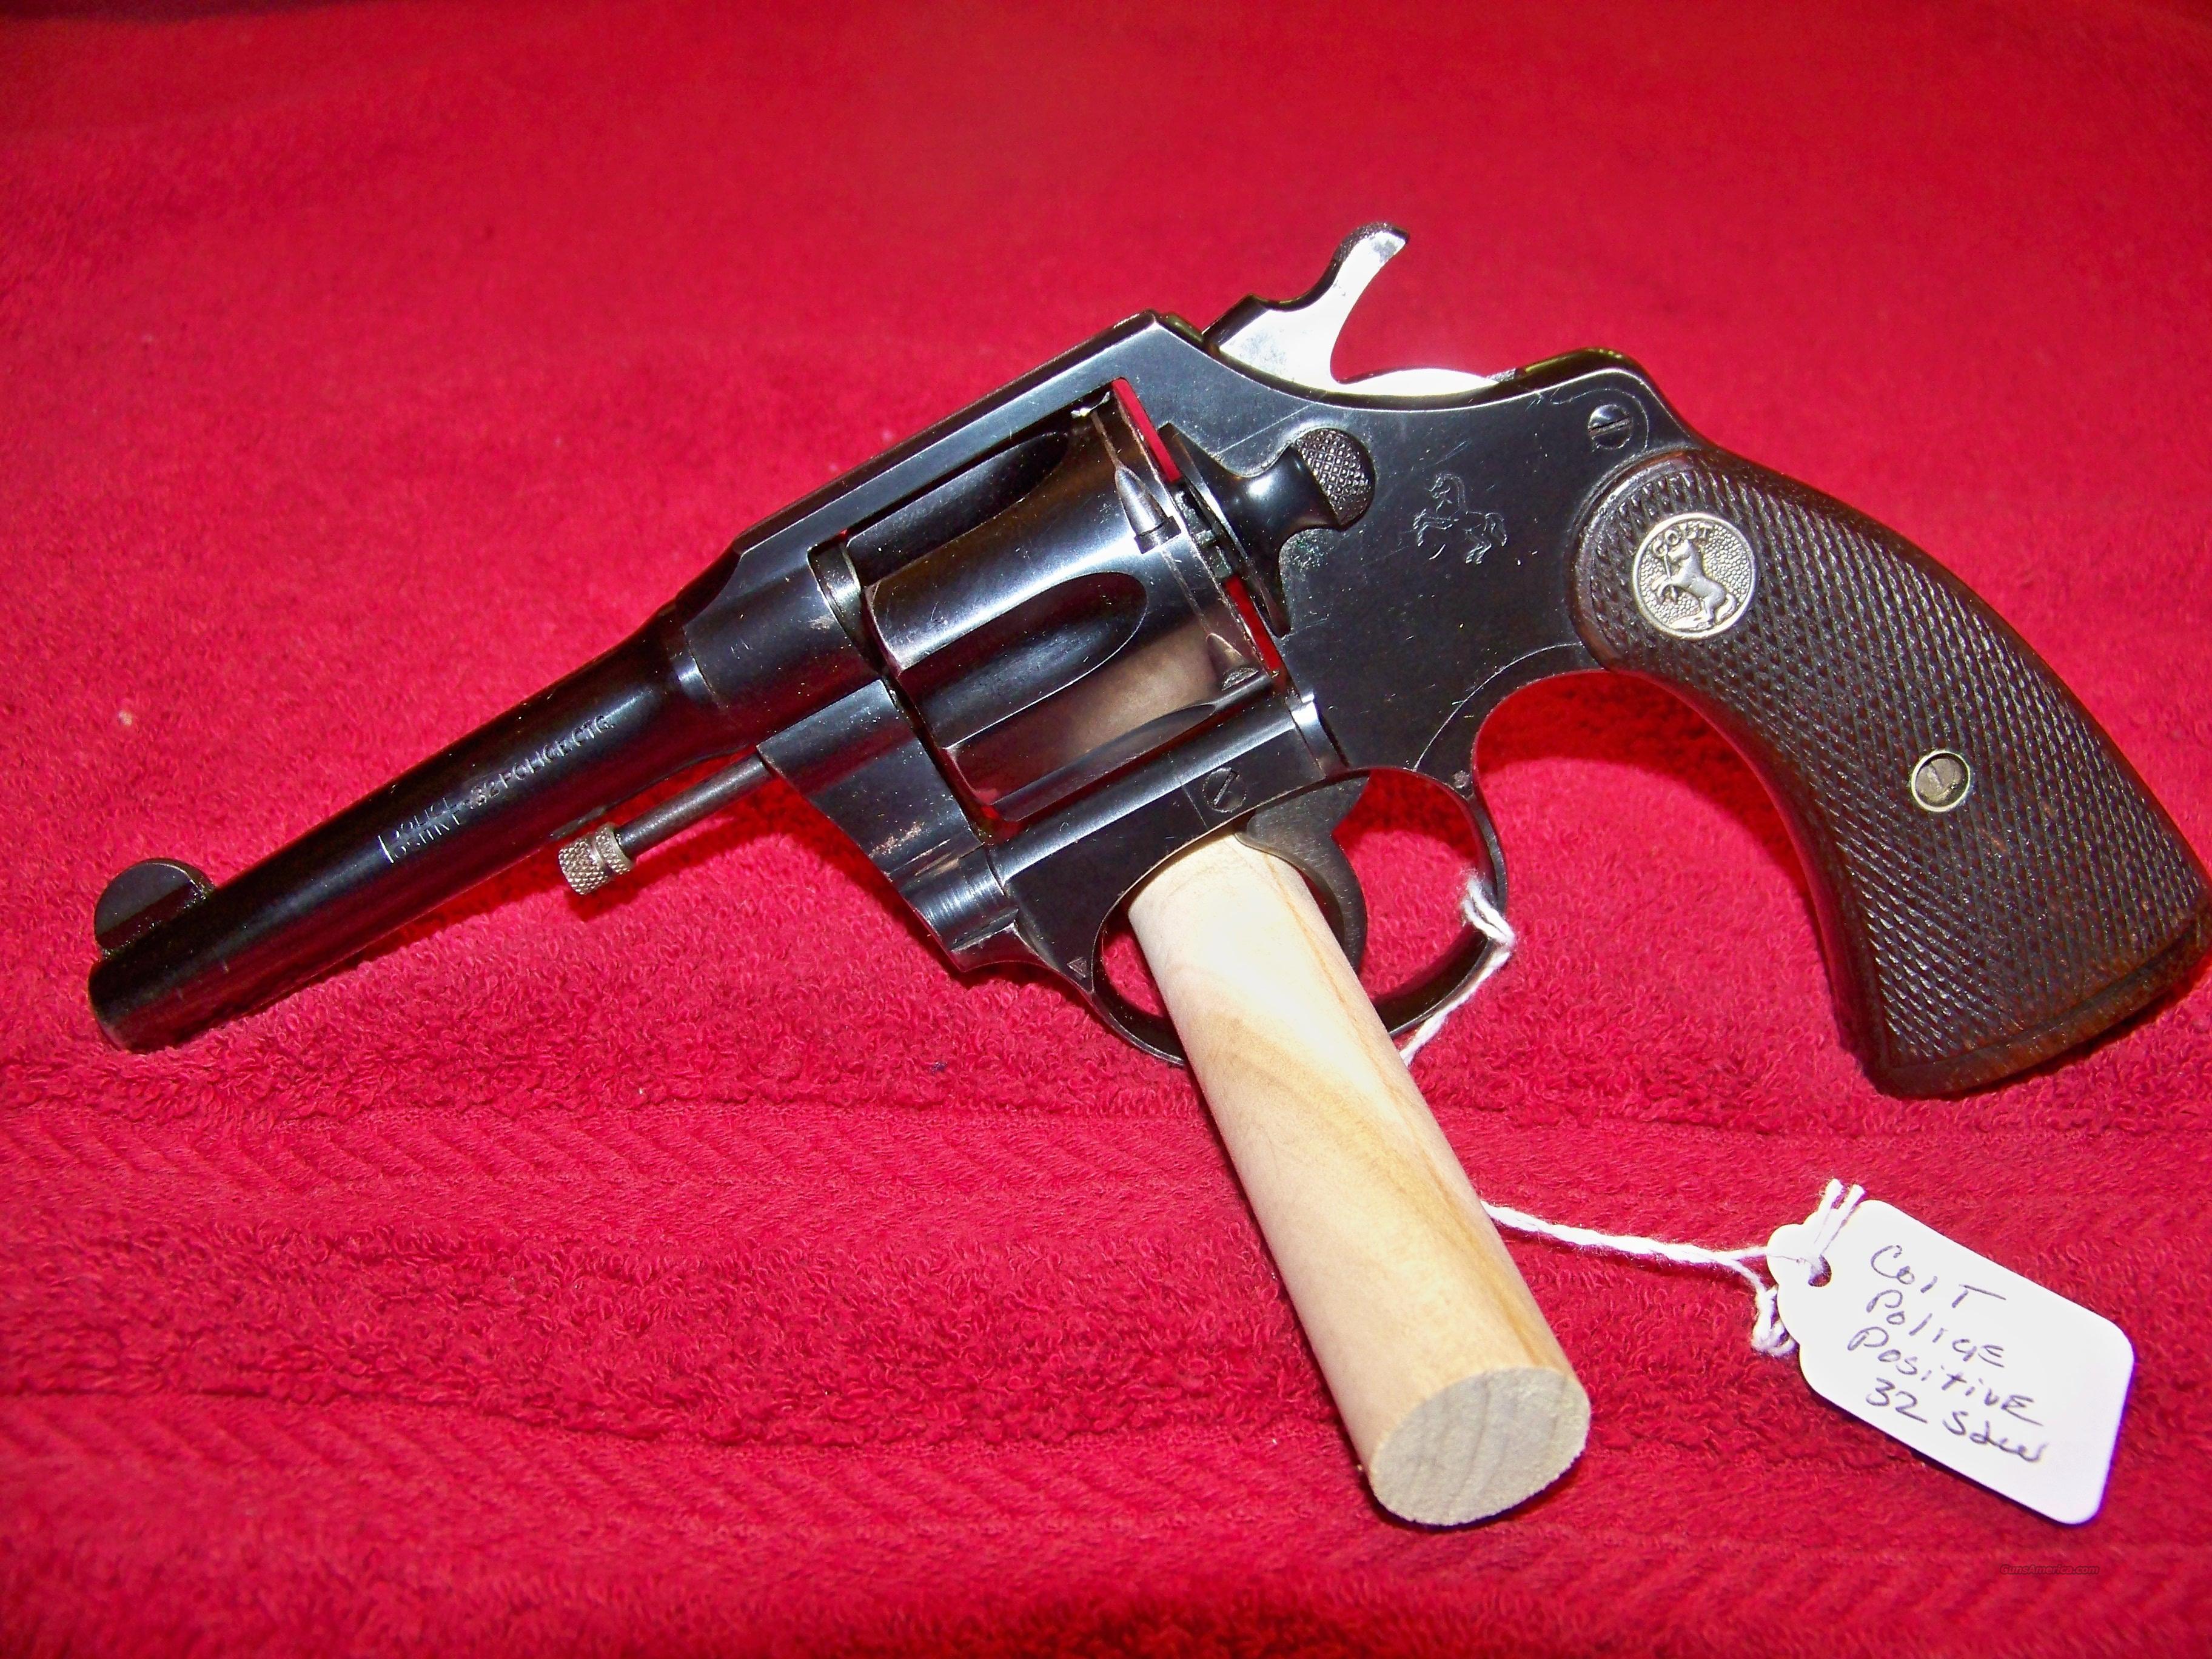 COLT POLICE POSITIVE SECOND MODEL 32 COLT  Guns > Pistols > Colt Double Action Revolvers- Pre-1945